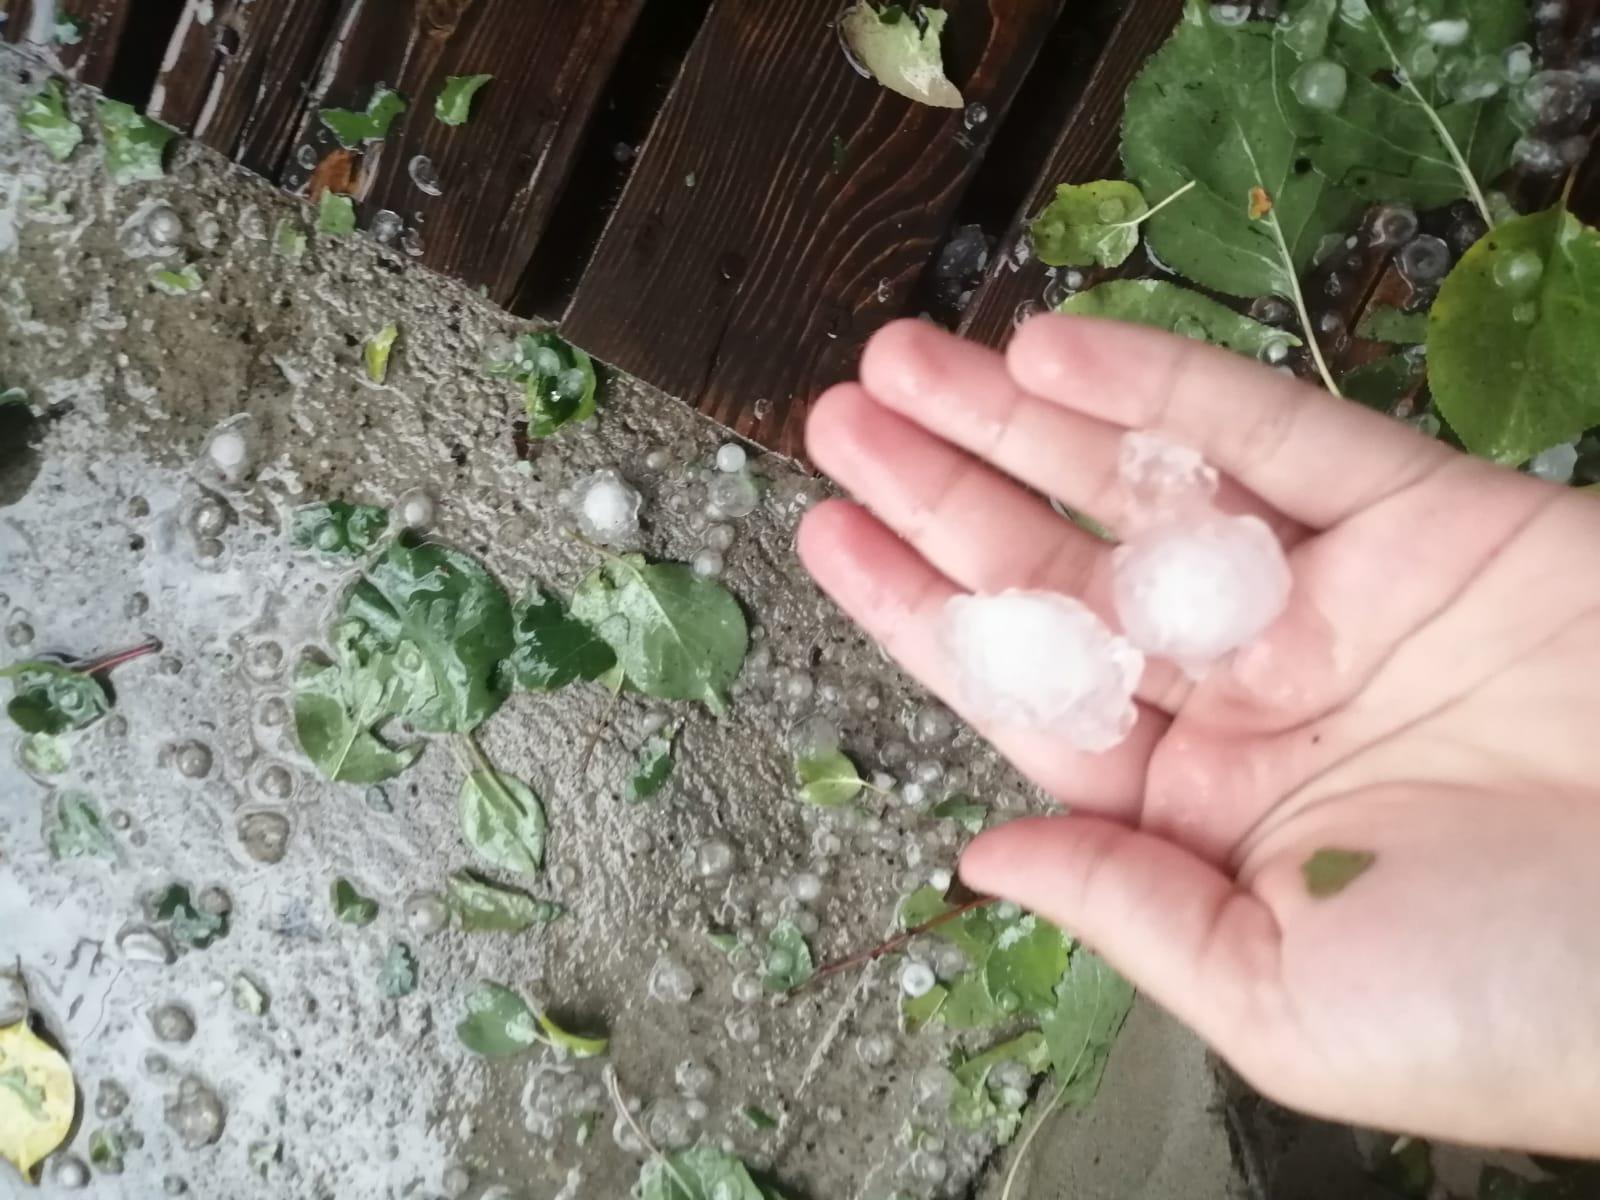 Fenomene meteo extreme în România. Explicațiile specialiștilor. Ce ne mai așteaptă